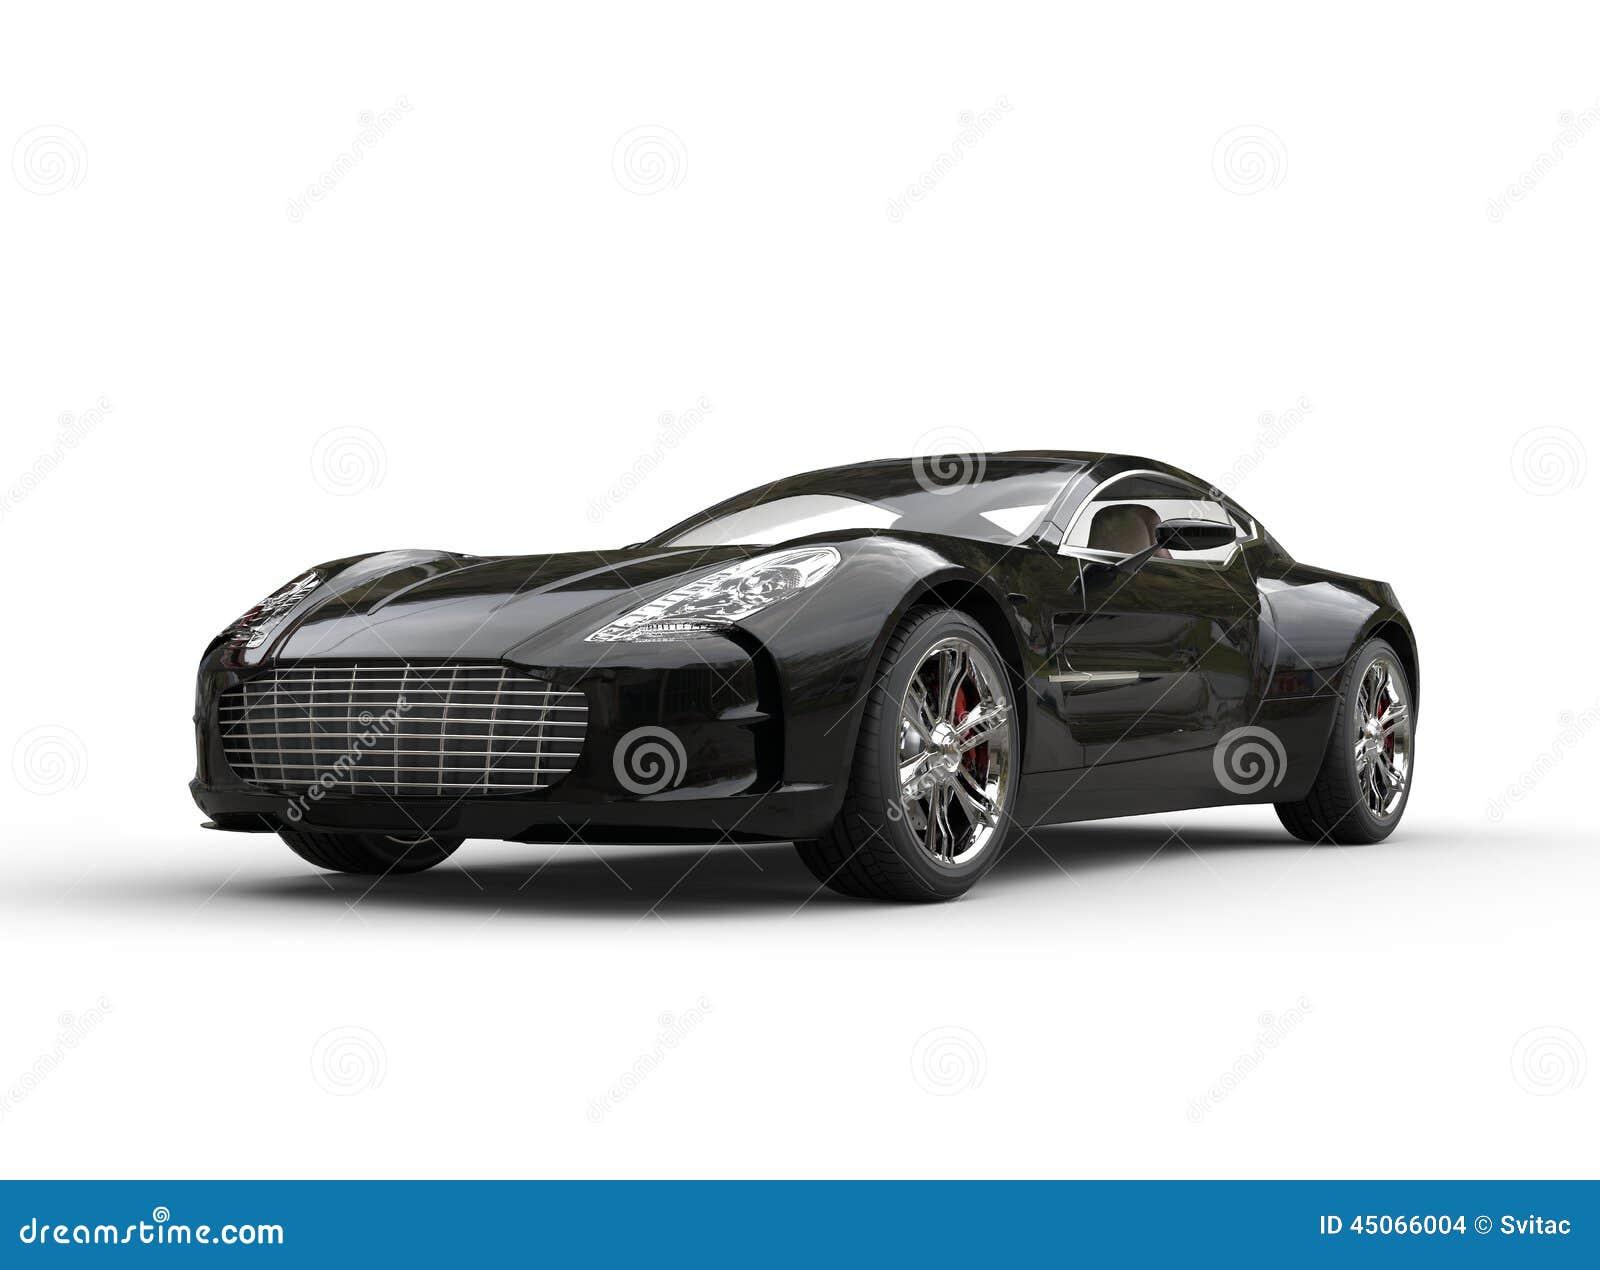 Luxury Vehicle: Black Luxury Sports Car On White Background Stock